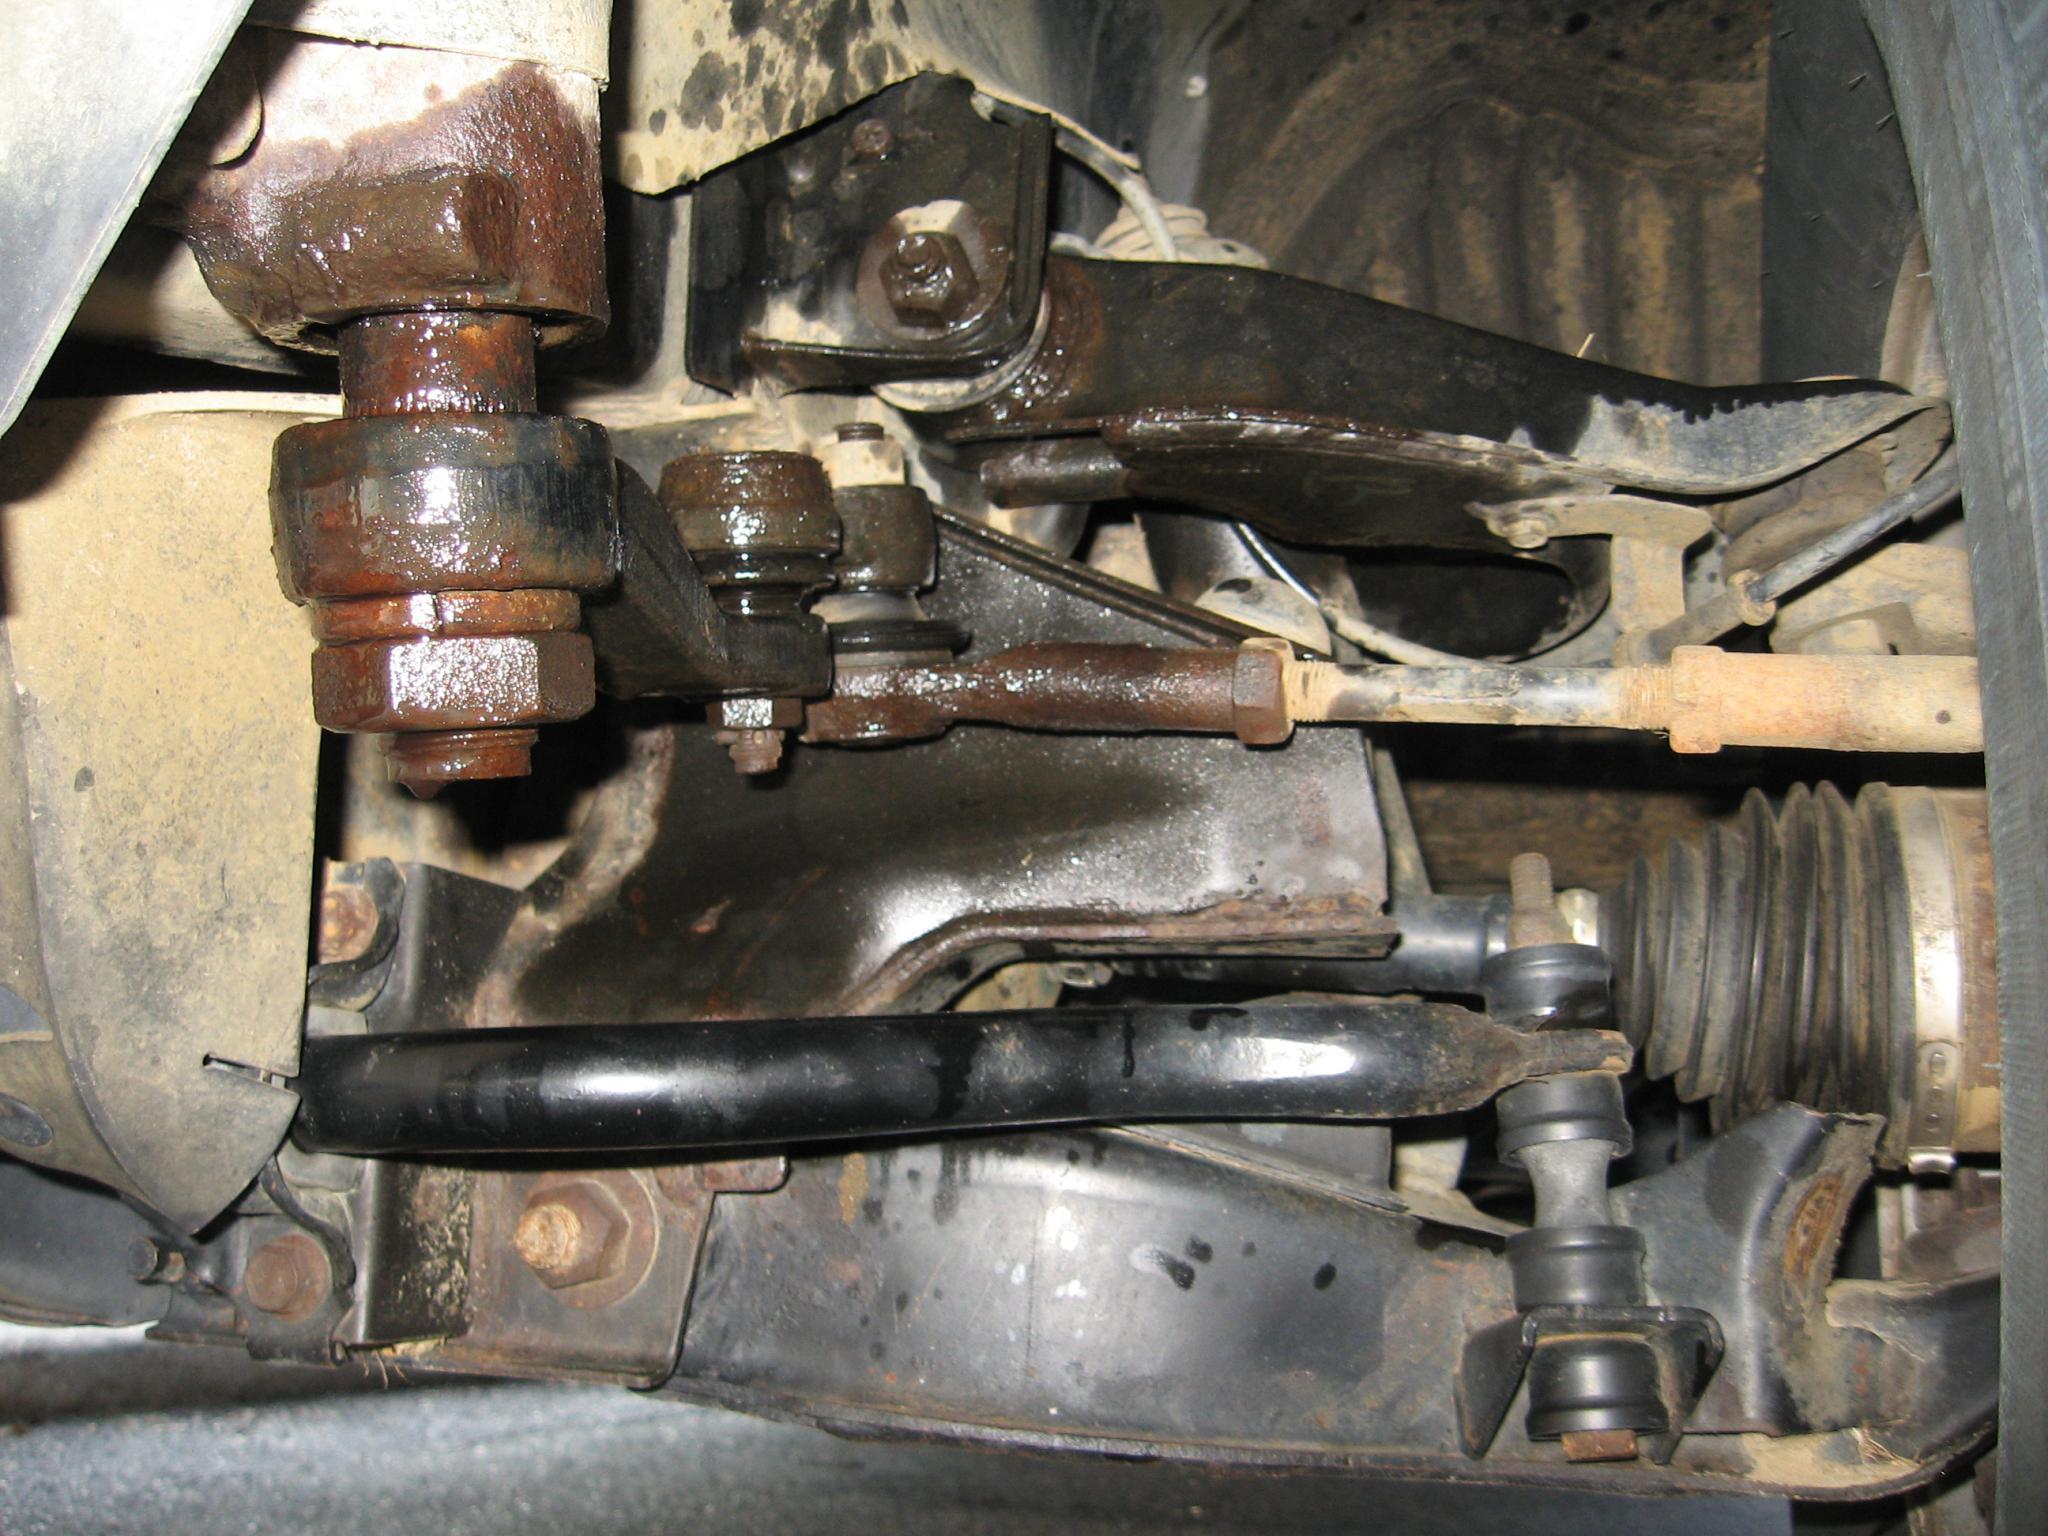 2001 nissan frontier power steering fluid leak